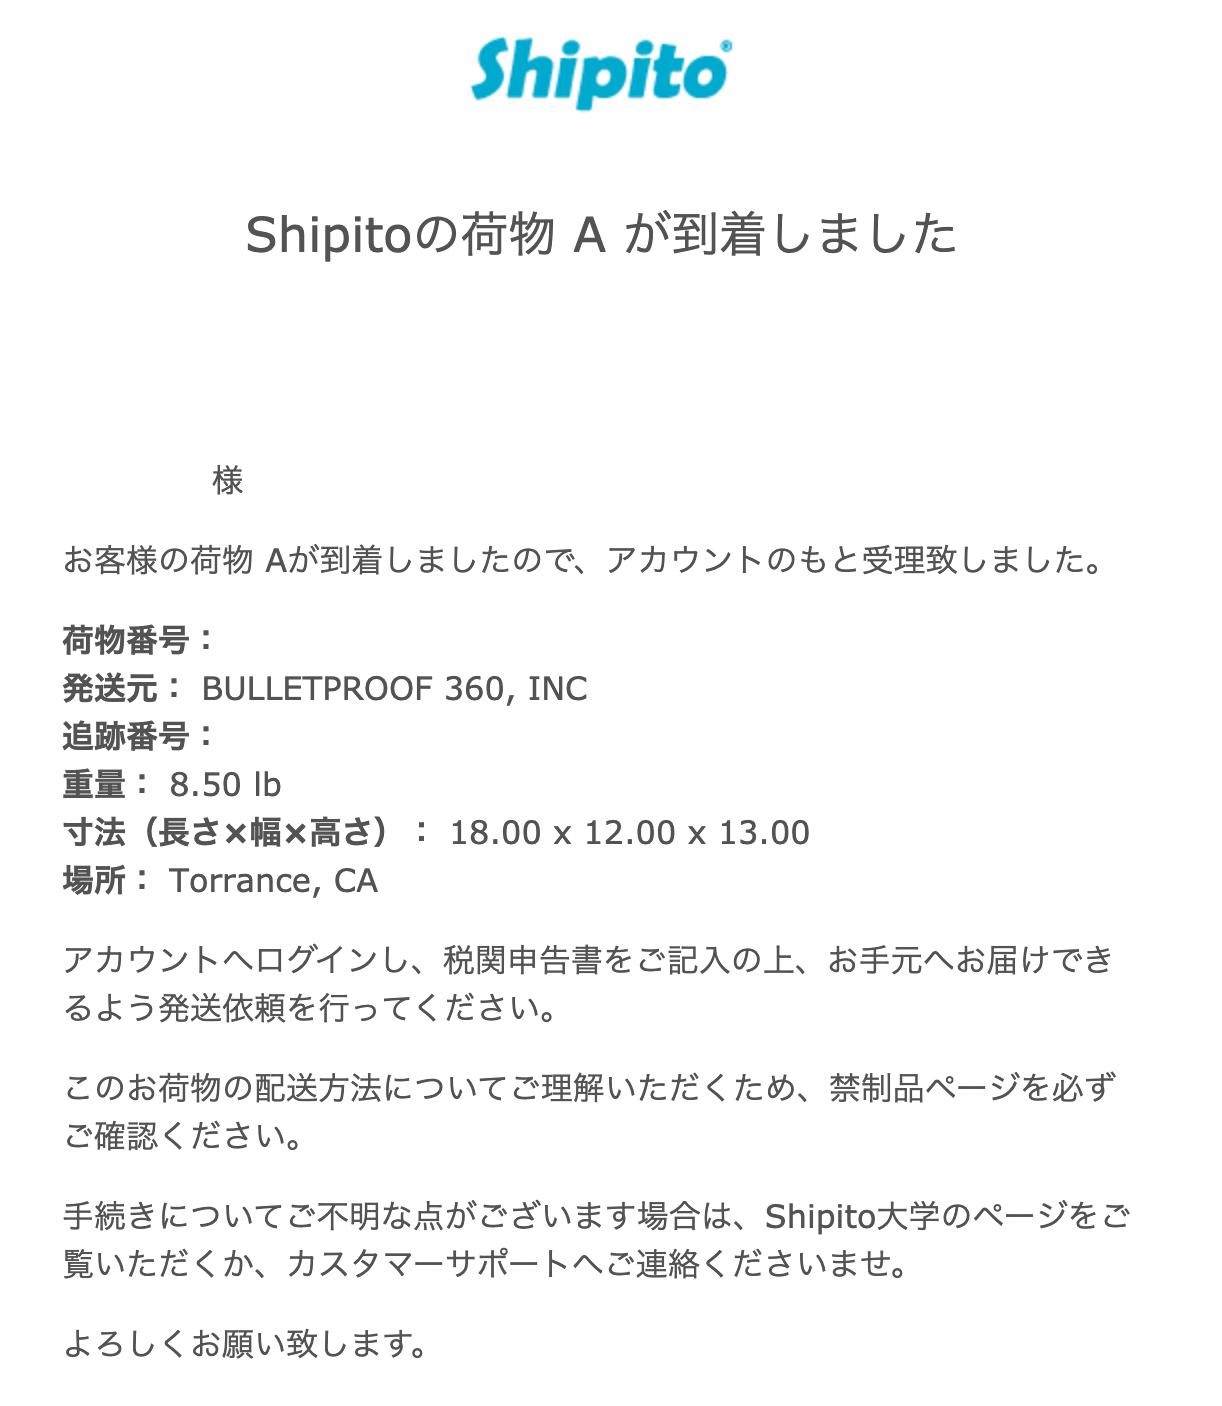 Shipitoの荷物到着のお知らせメール